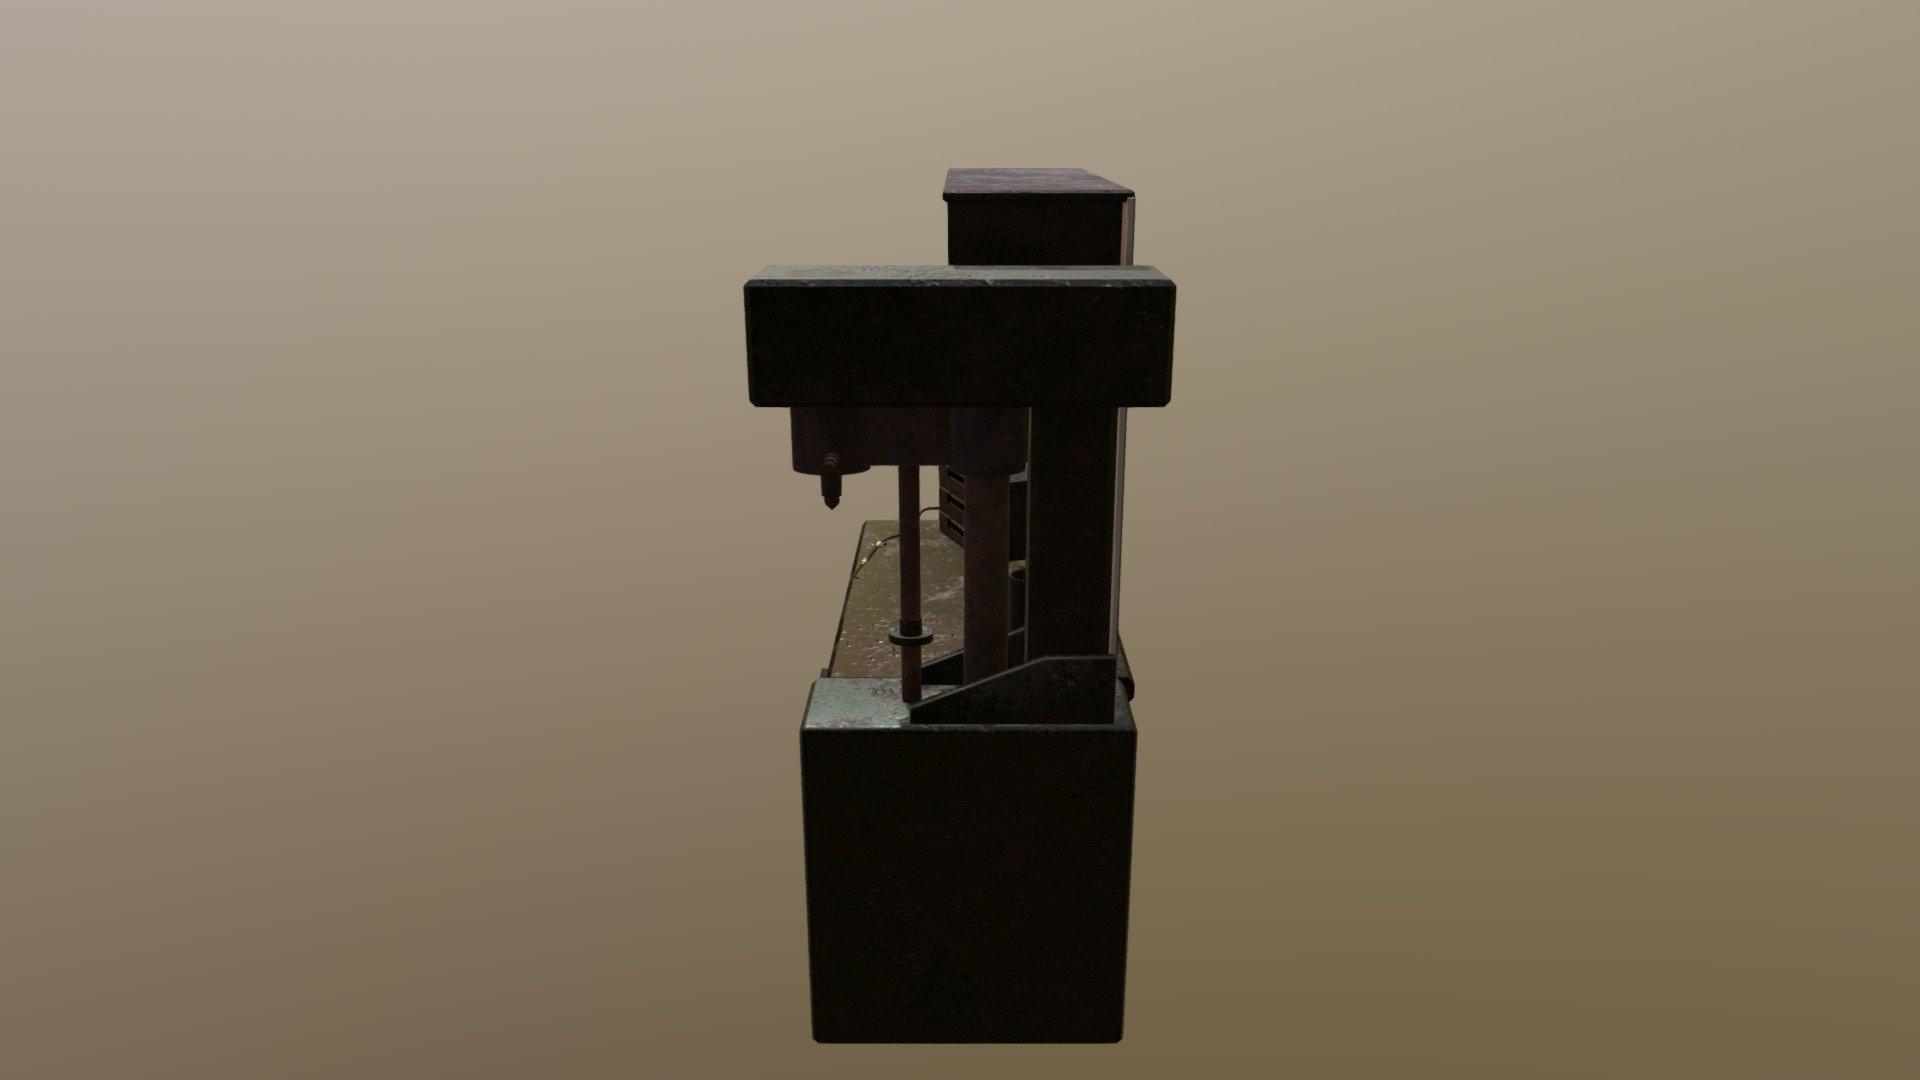 Workbench Level 3 Rust 3d Model By Vlameira Pix Vlameira Pix 967afe9 Sketchfab